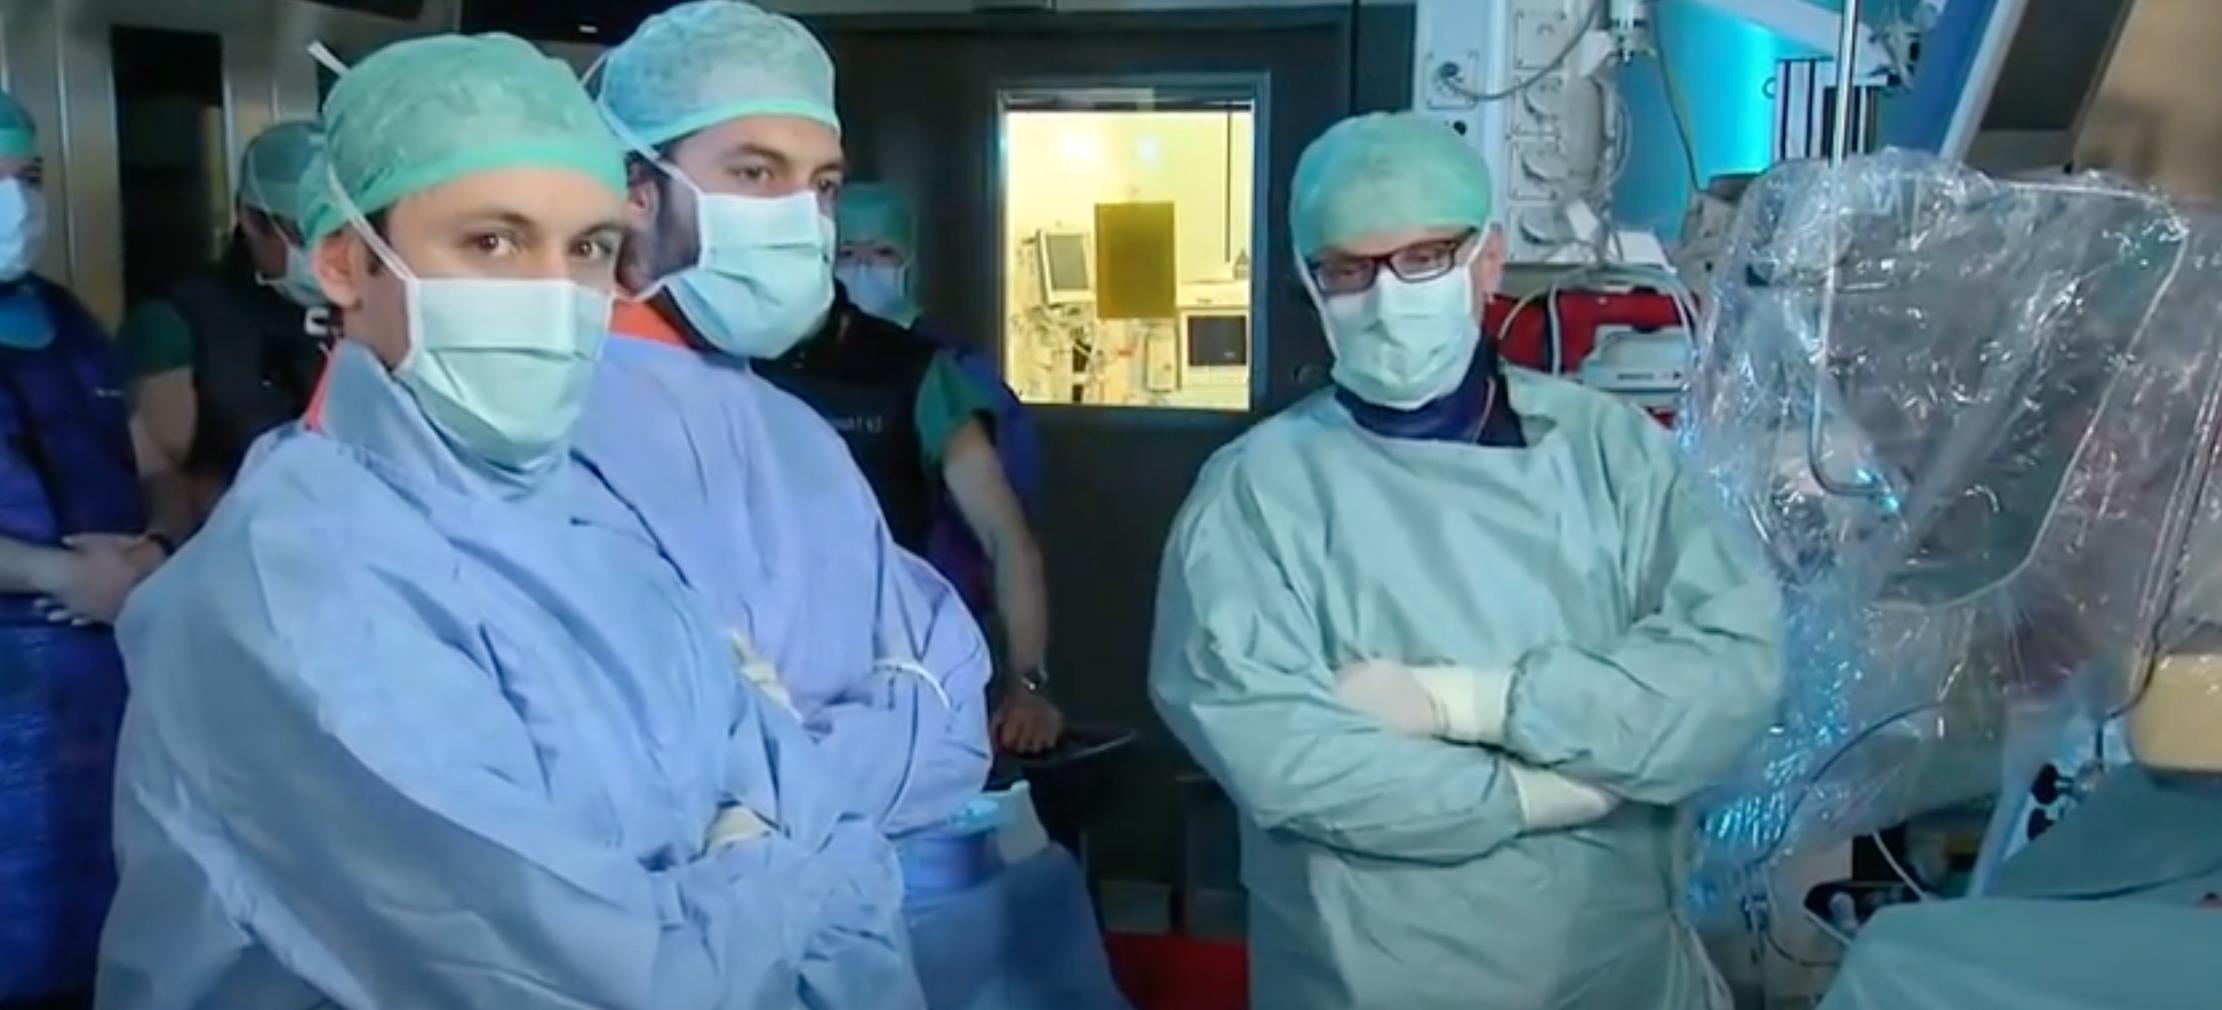 Zürcher Herzchirurgie: Die Motive des «Whistleblowers» bleiben unklar